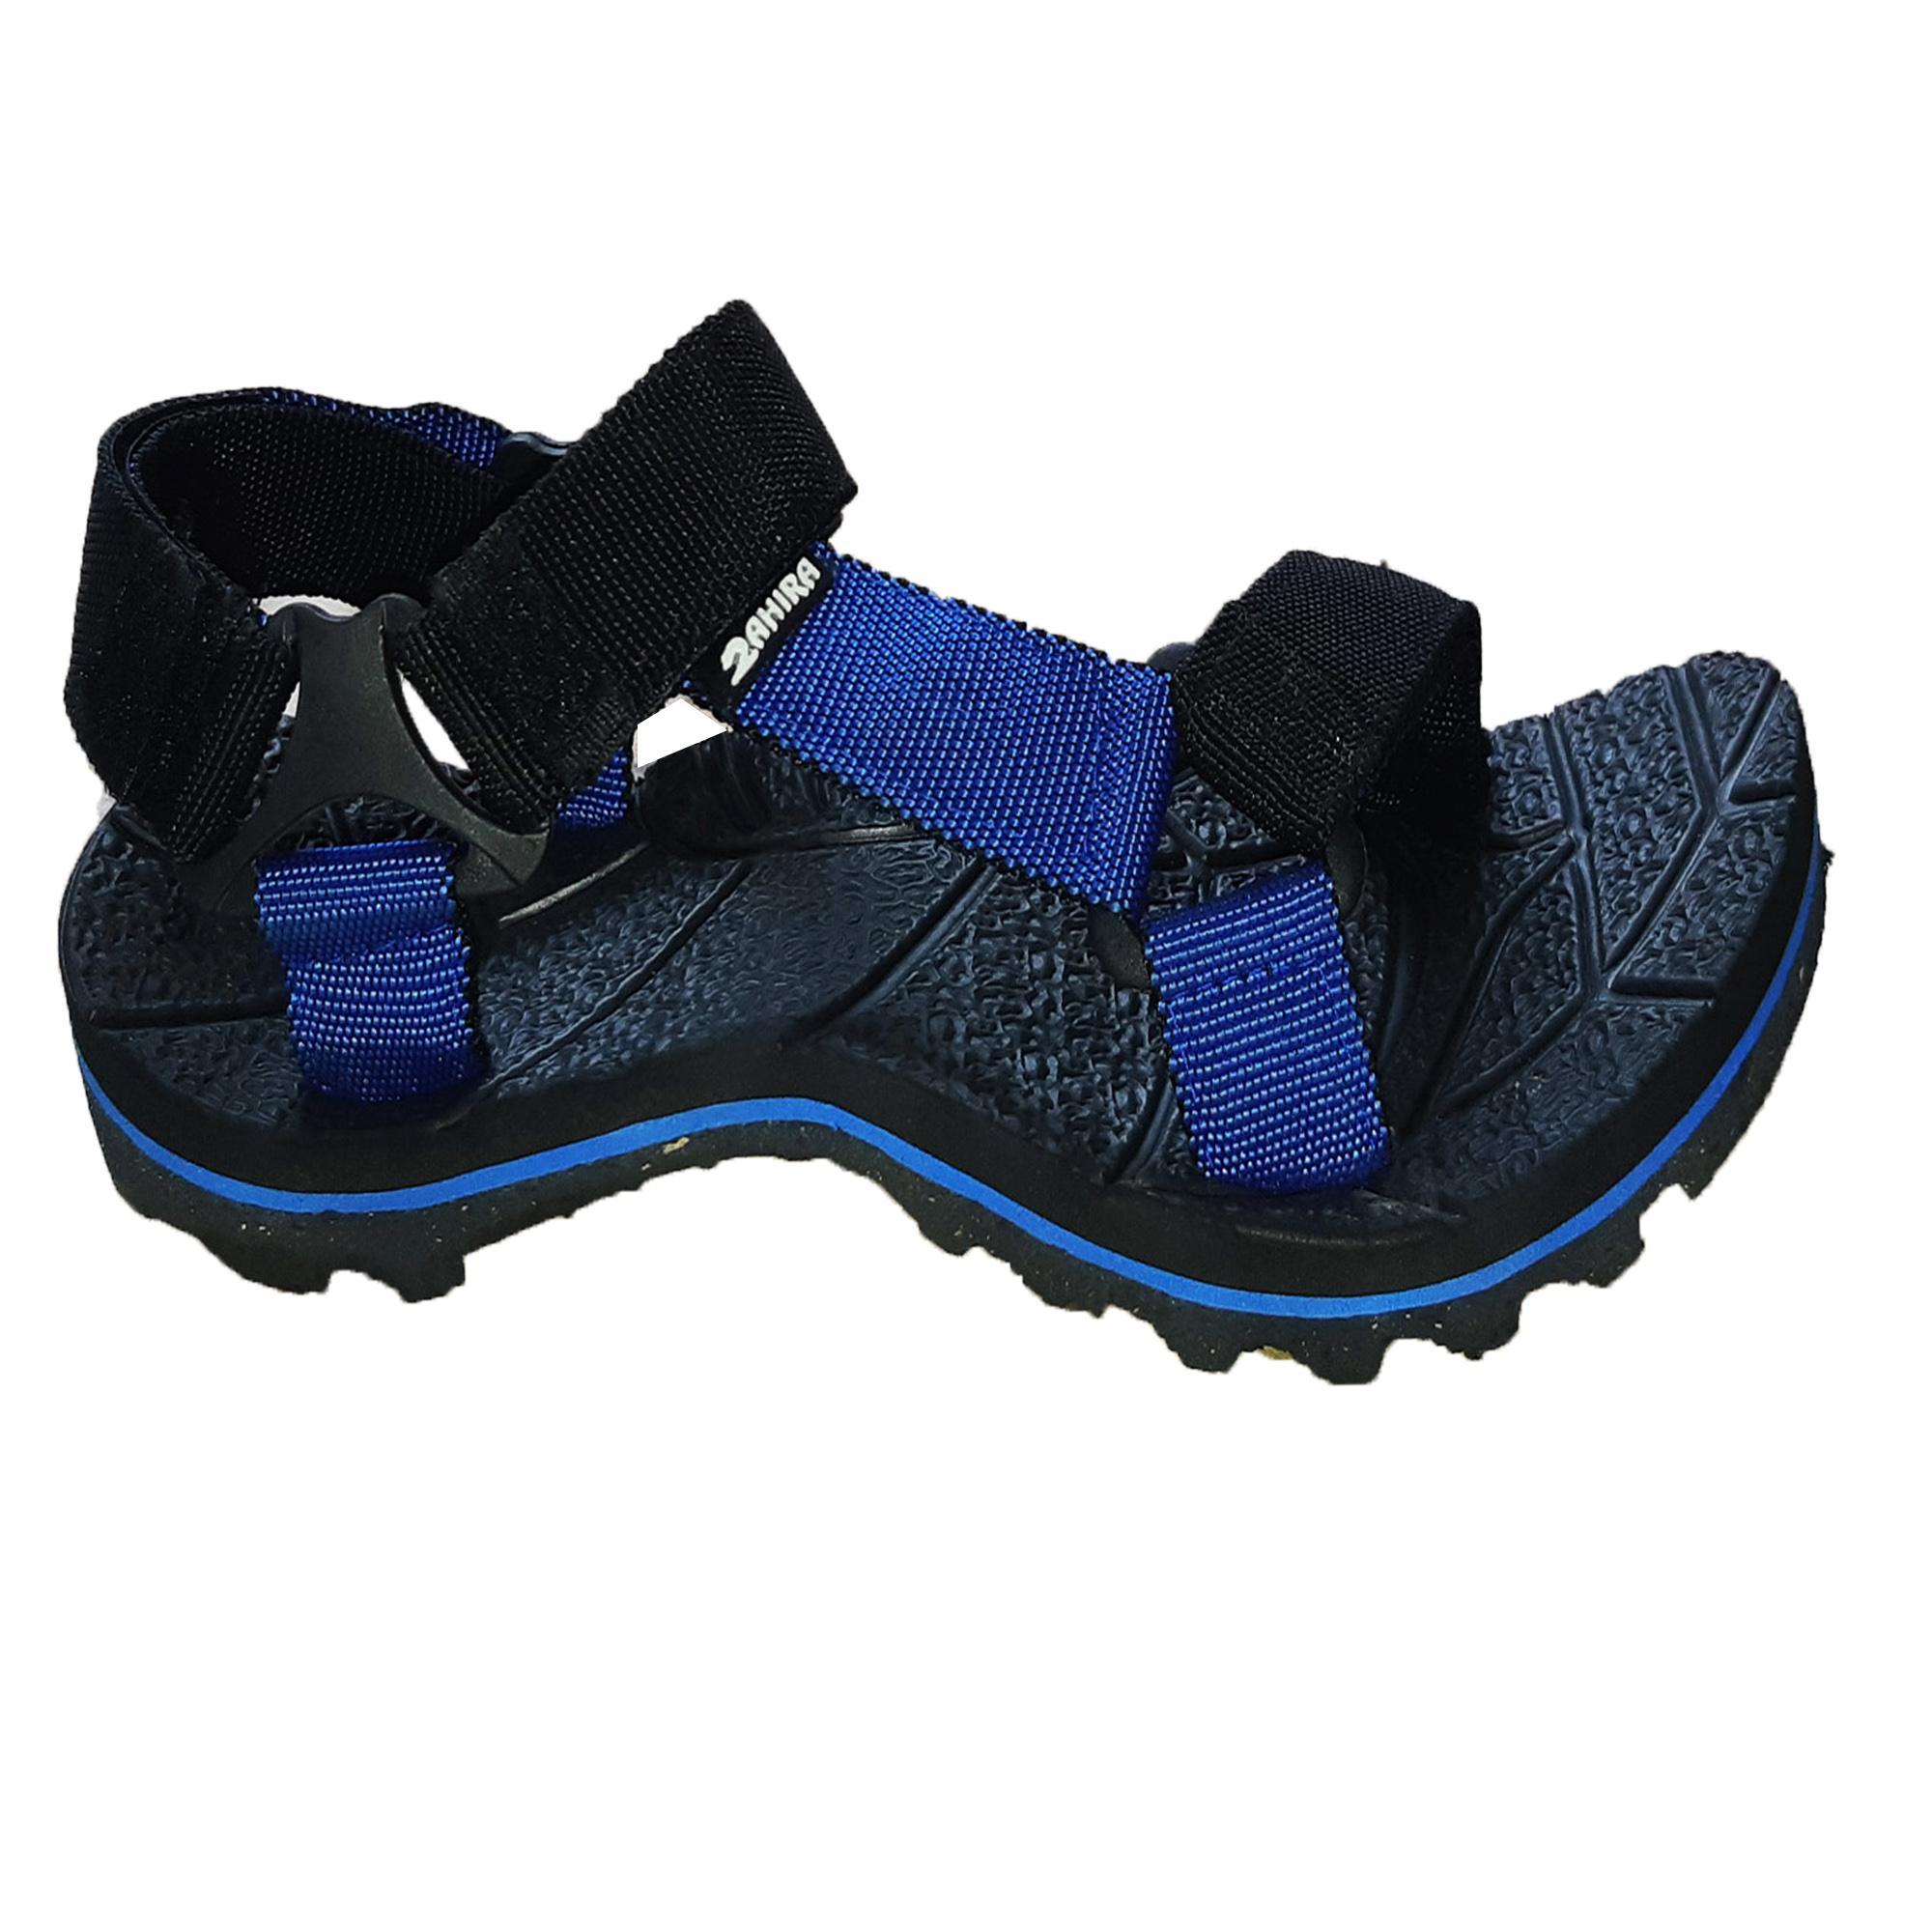 Jual Produk Sandal Gunung Terbaru | lazada.co.id